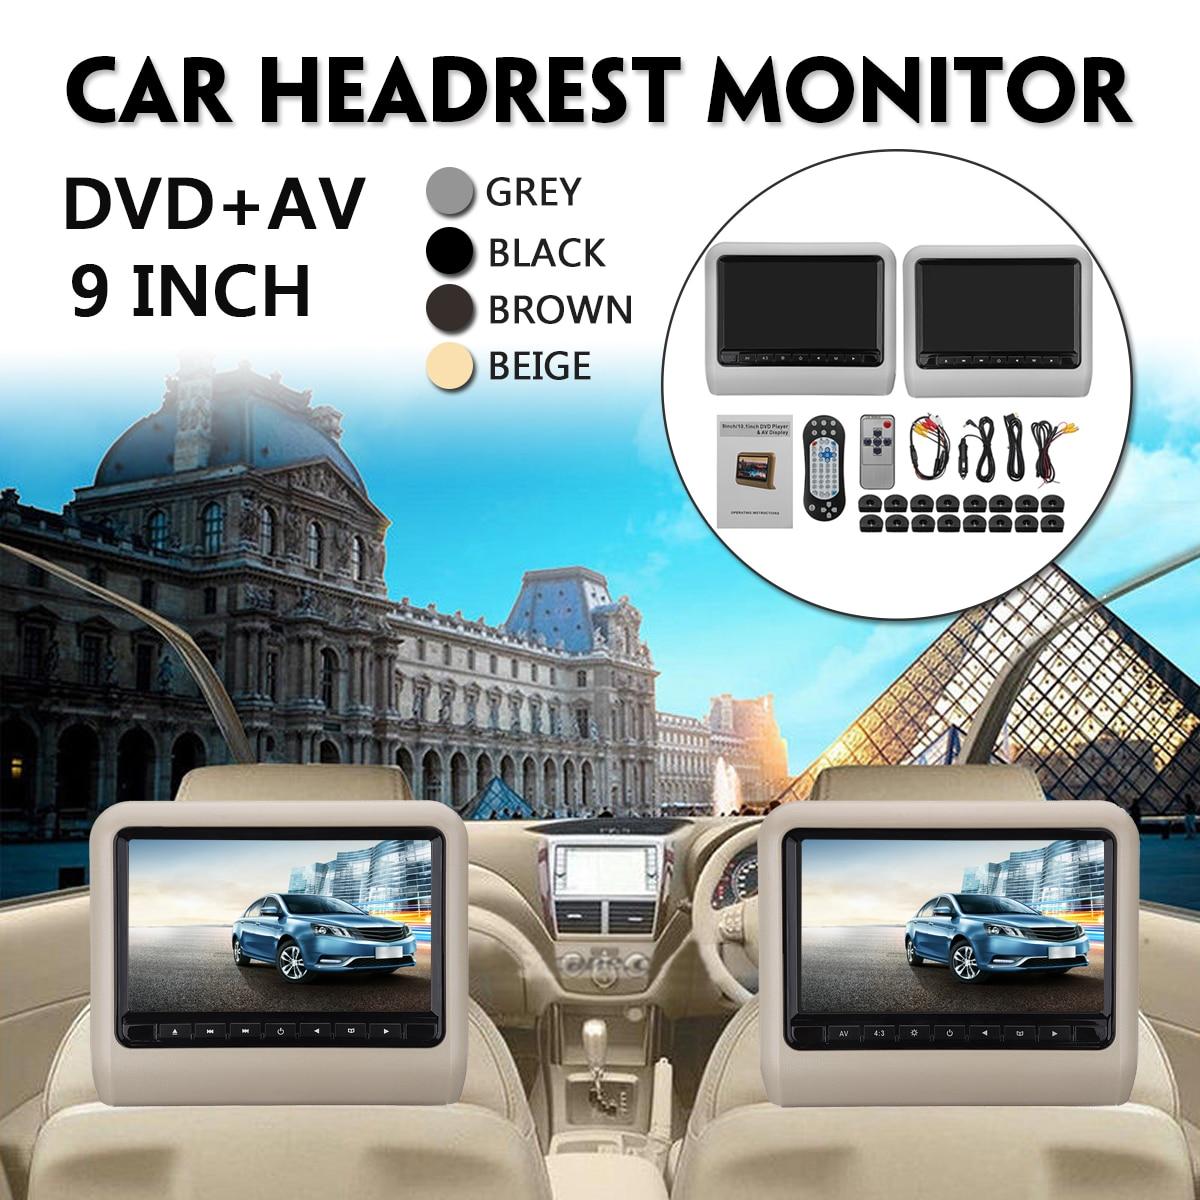 9 дюймов подголовник автомобиля мониторы DVD + AV пульт дистанционного управления для плеера с кабелем комплект подушки детские ЖК дисплей уни